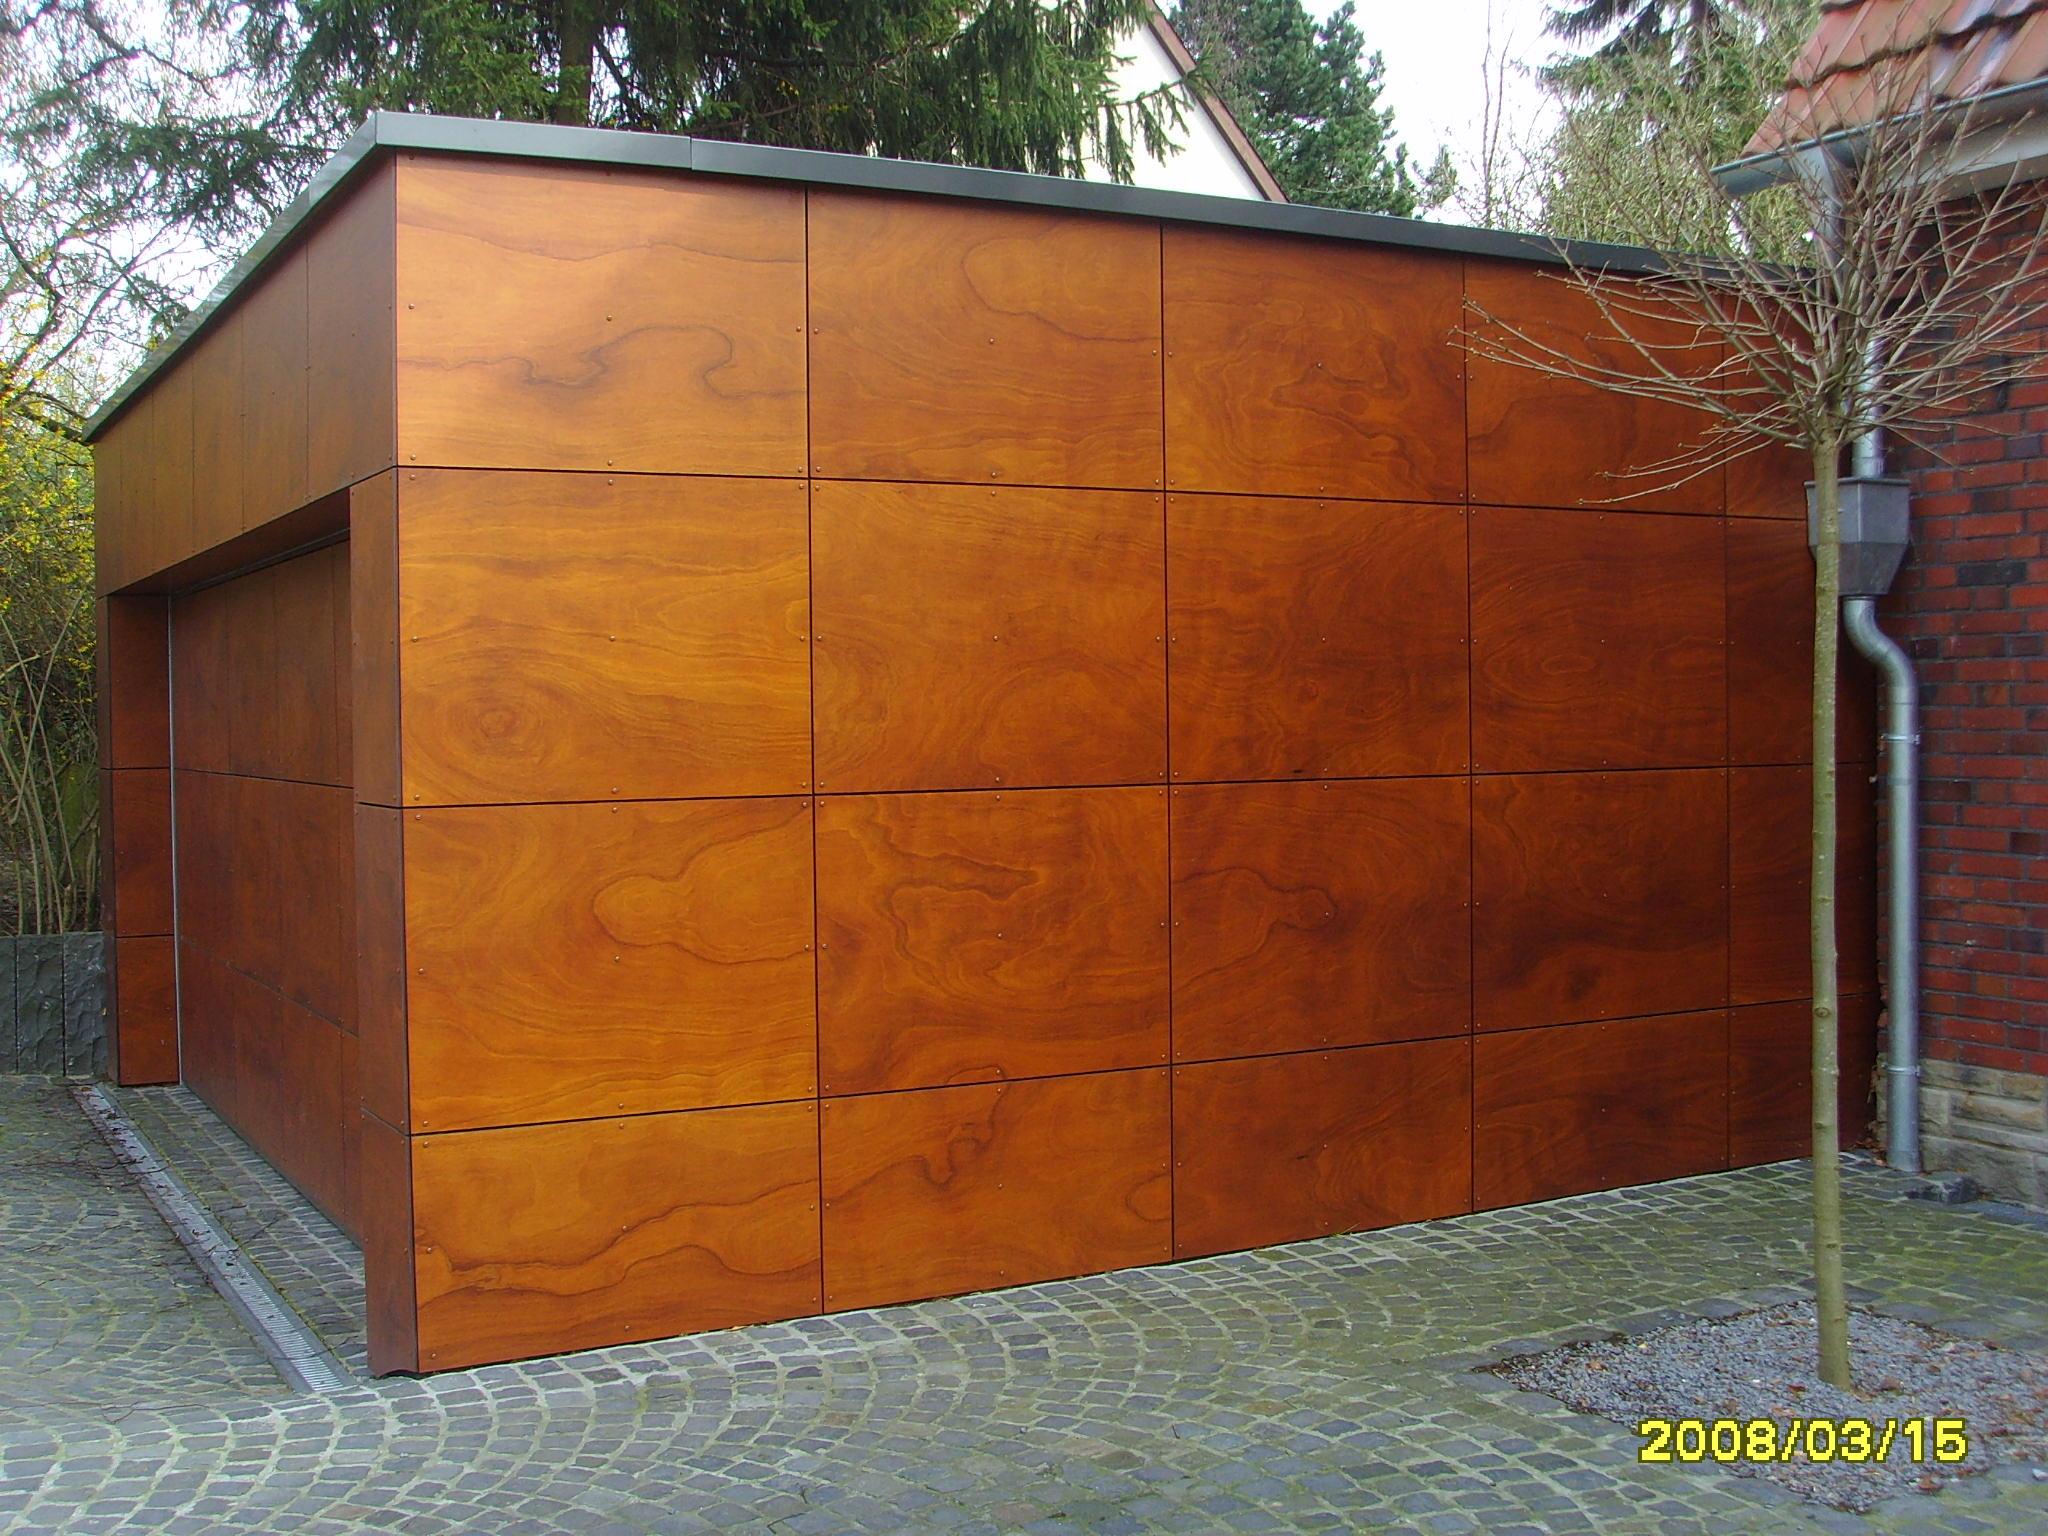 11 kw welche fassade holzhaus fertighaus holzbau anbau umbau passivhaus niedrigenergiehaus. Black Bedroom Furniture Sets. Home Design Ideas